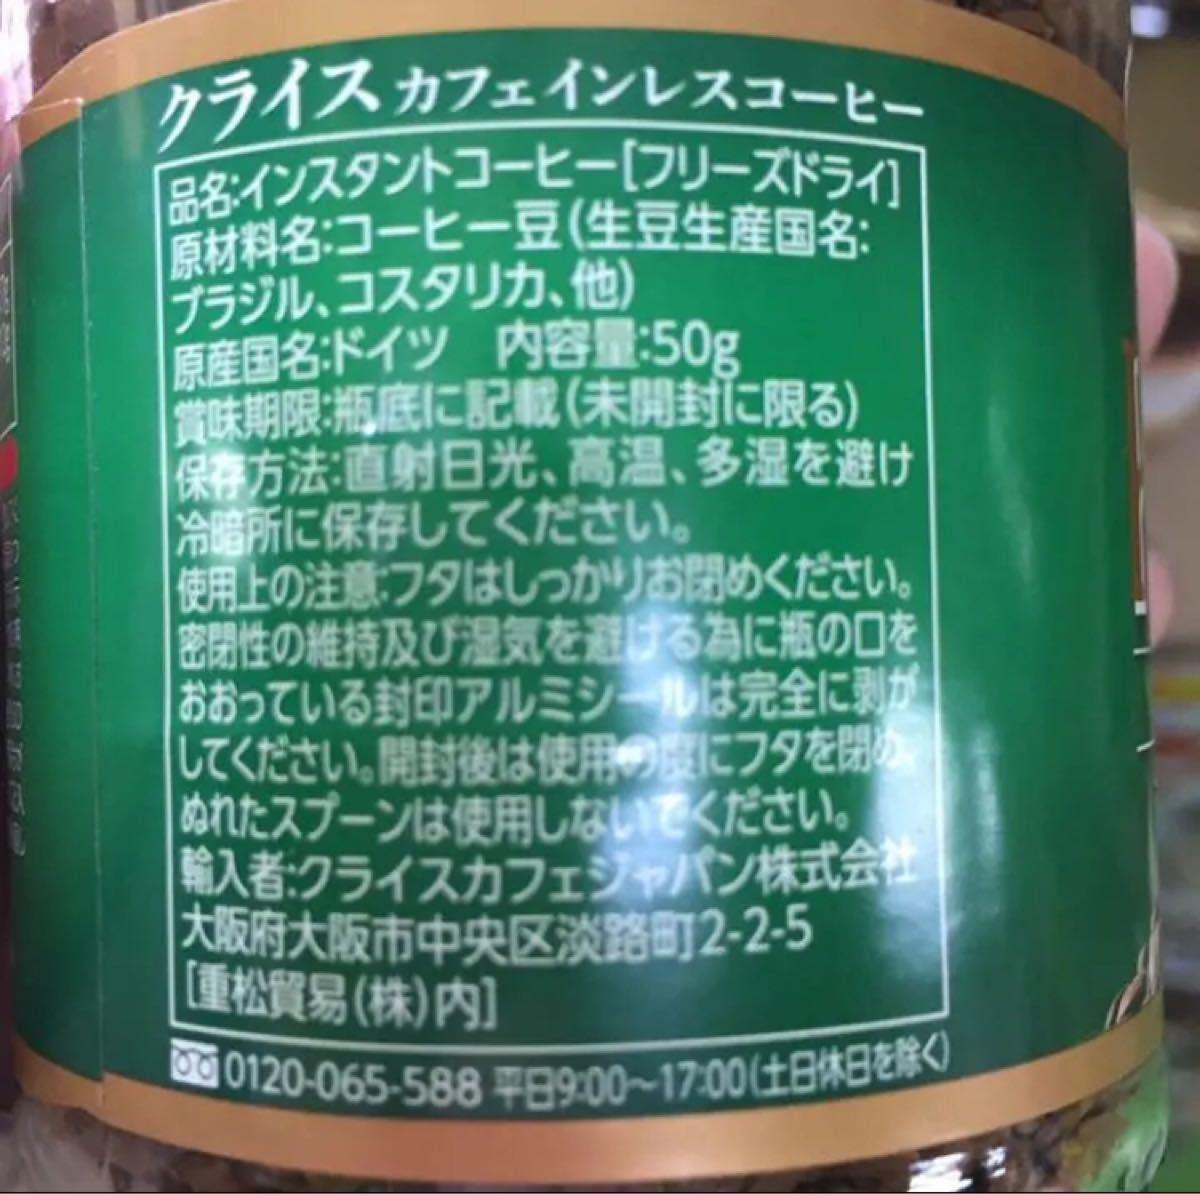 クライス カフェインレスコーヒー50g3個